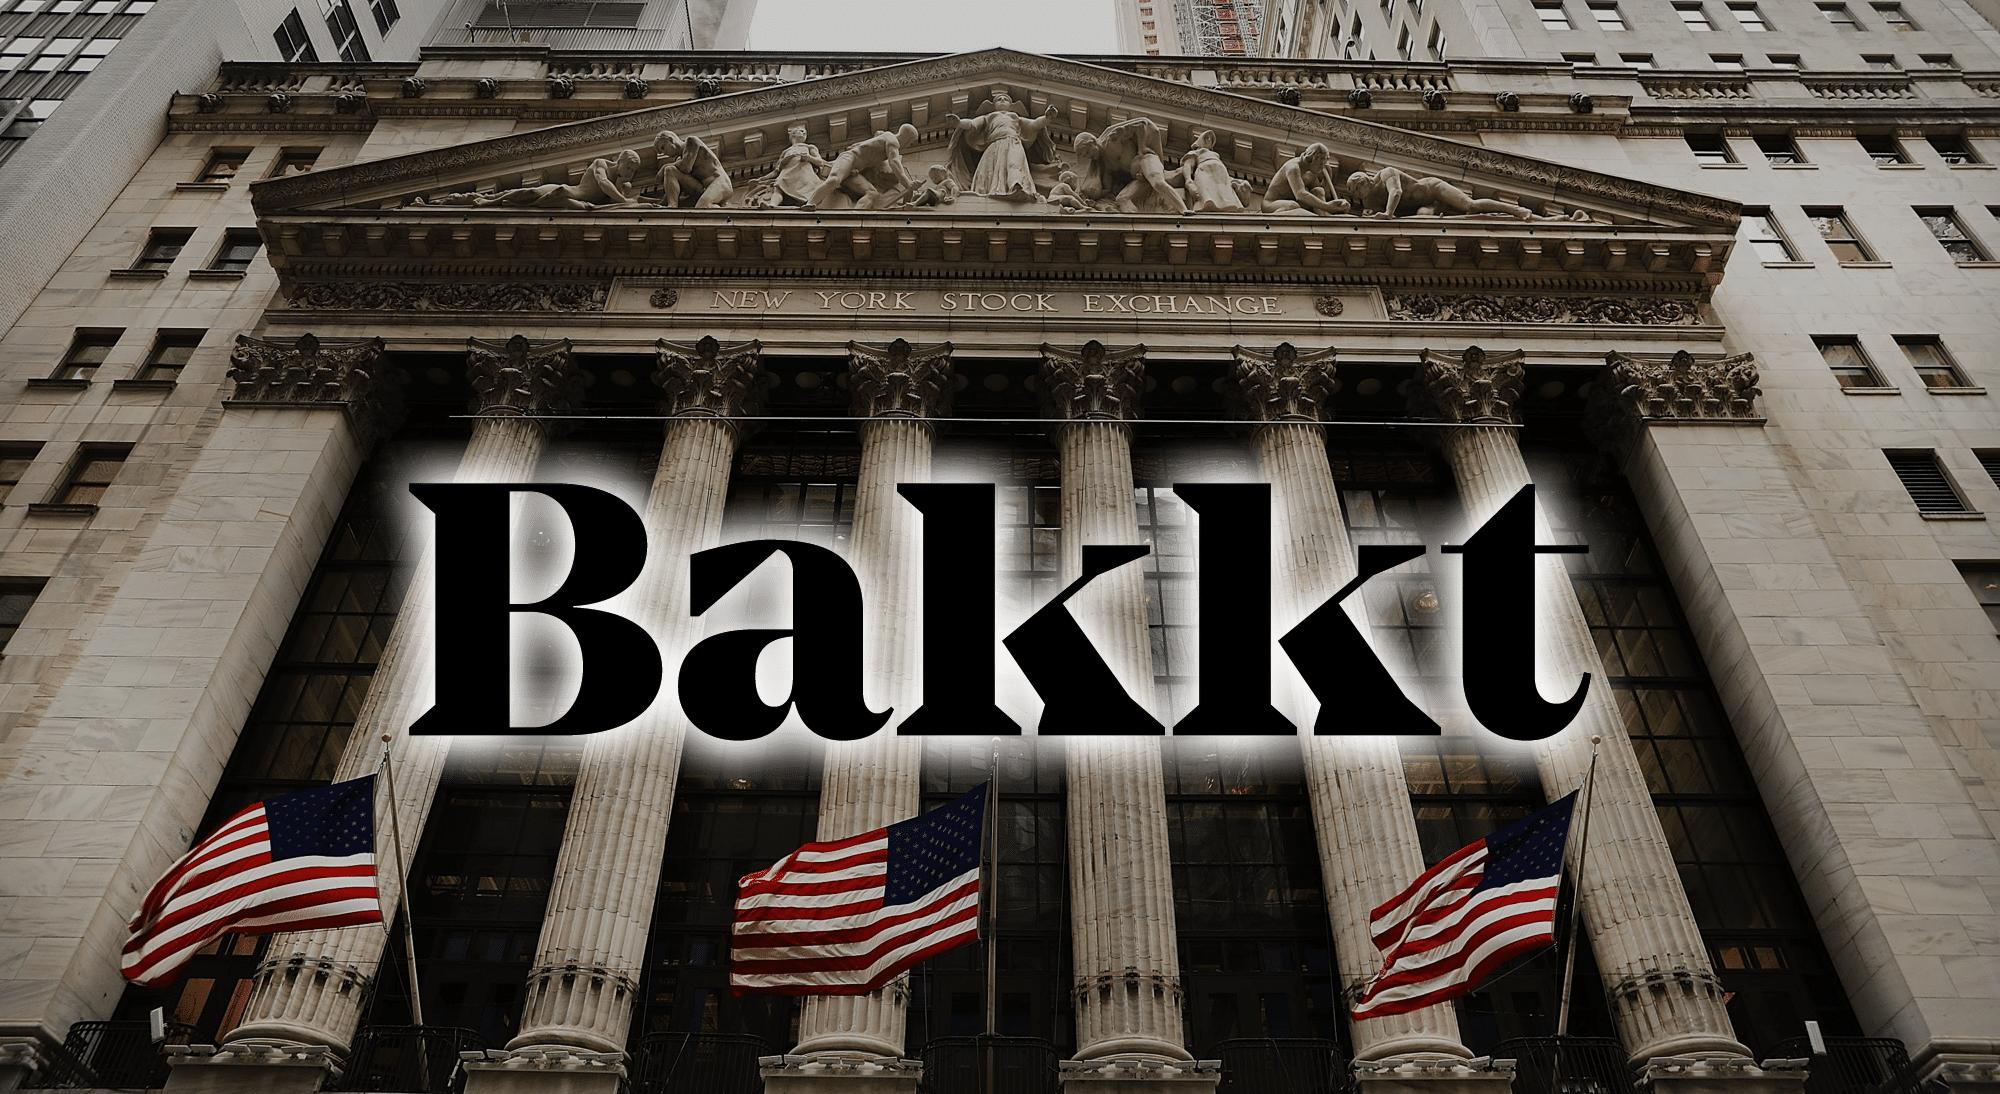 bakkt logo - سهام شرکت دارایی های دیجیتال Bakkt در بازار بورس نیویورک، عرضه می شود!